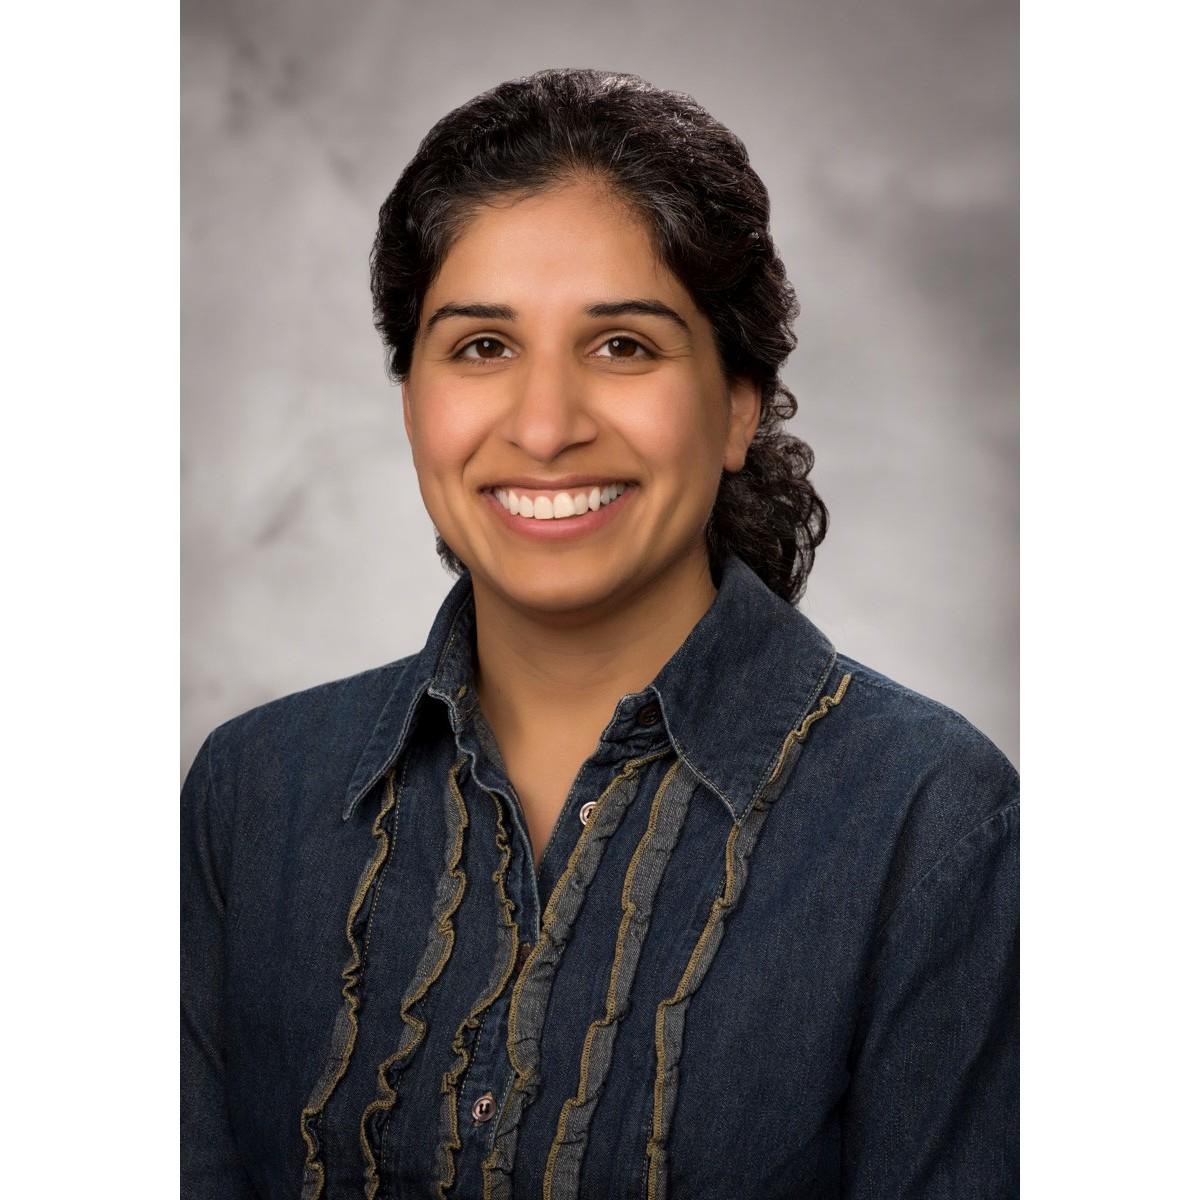 Seema Kapur, MD